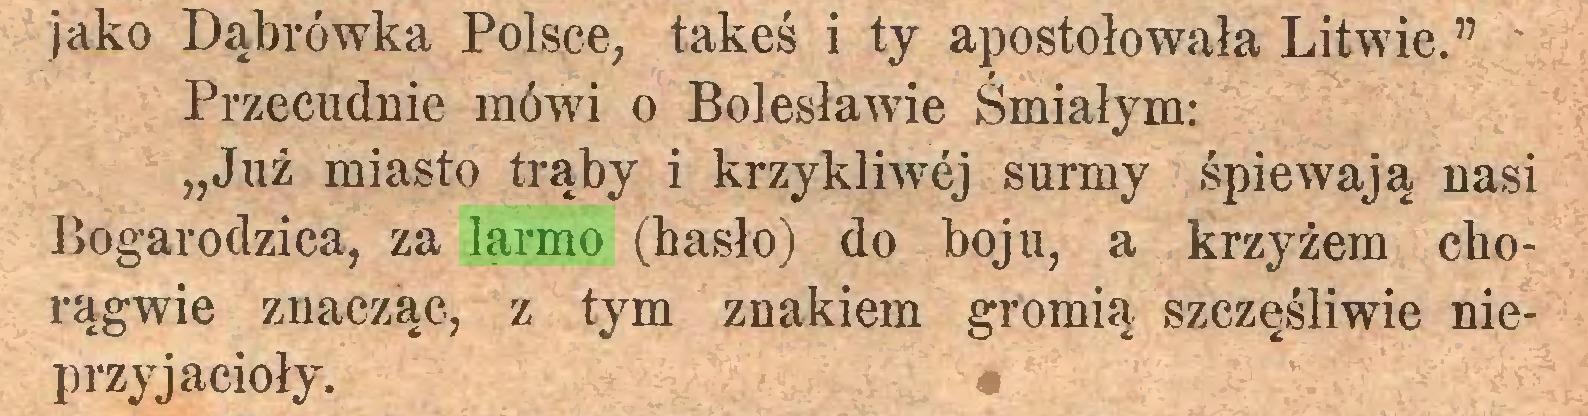 """(...) jako Dąbrówka Polsce, takeś i ty apostołowała Litwie."""" Przecudnie mówi o Bolesławie Śmiałym: """"Już miasto trąby i krzykliwej surmy śpiewają nasi Bogarodzica, za larmo (hasło) do boju, a krzyżem chorągwie znacząc, z tym znakiem gromią szczęśliwie nieprzyjacioły..."""